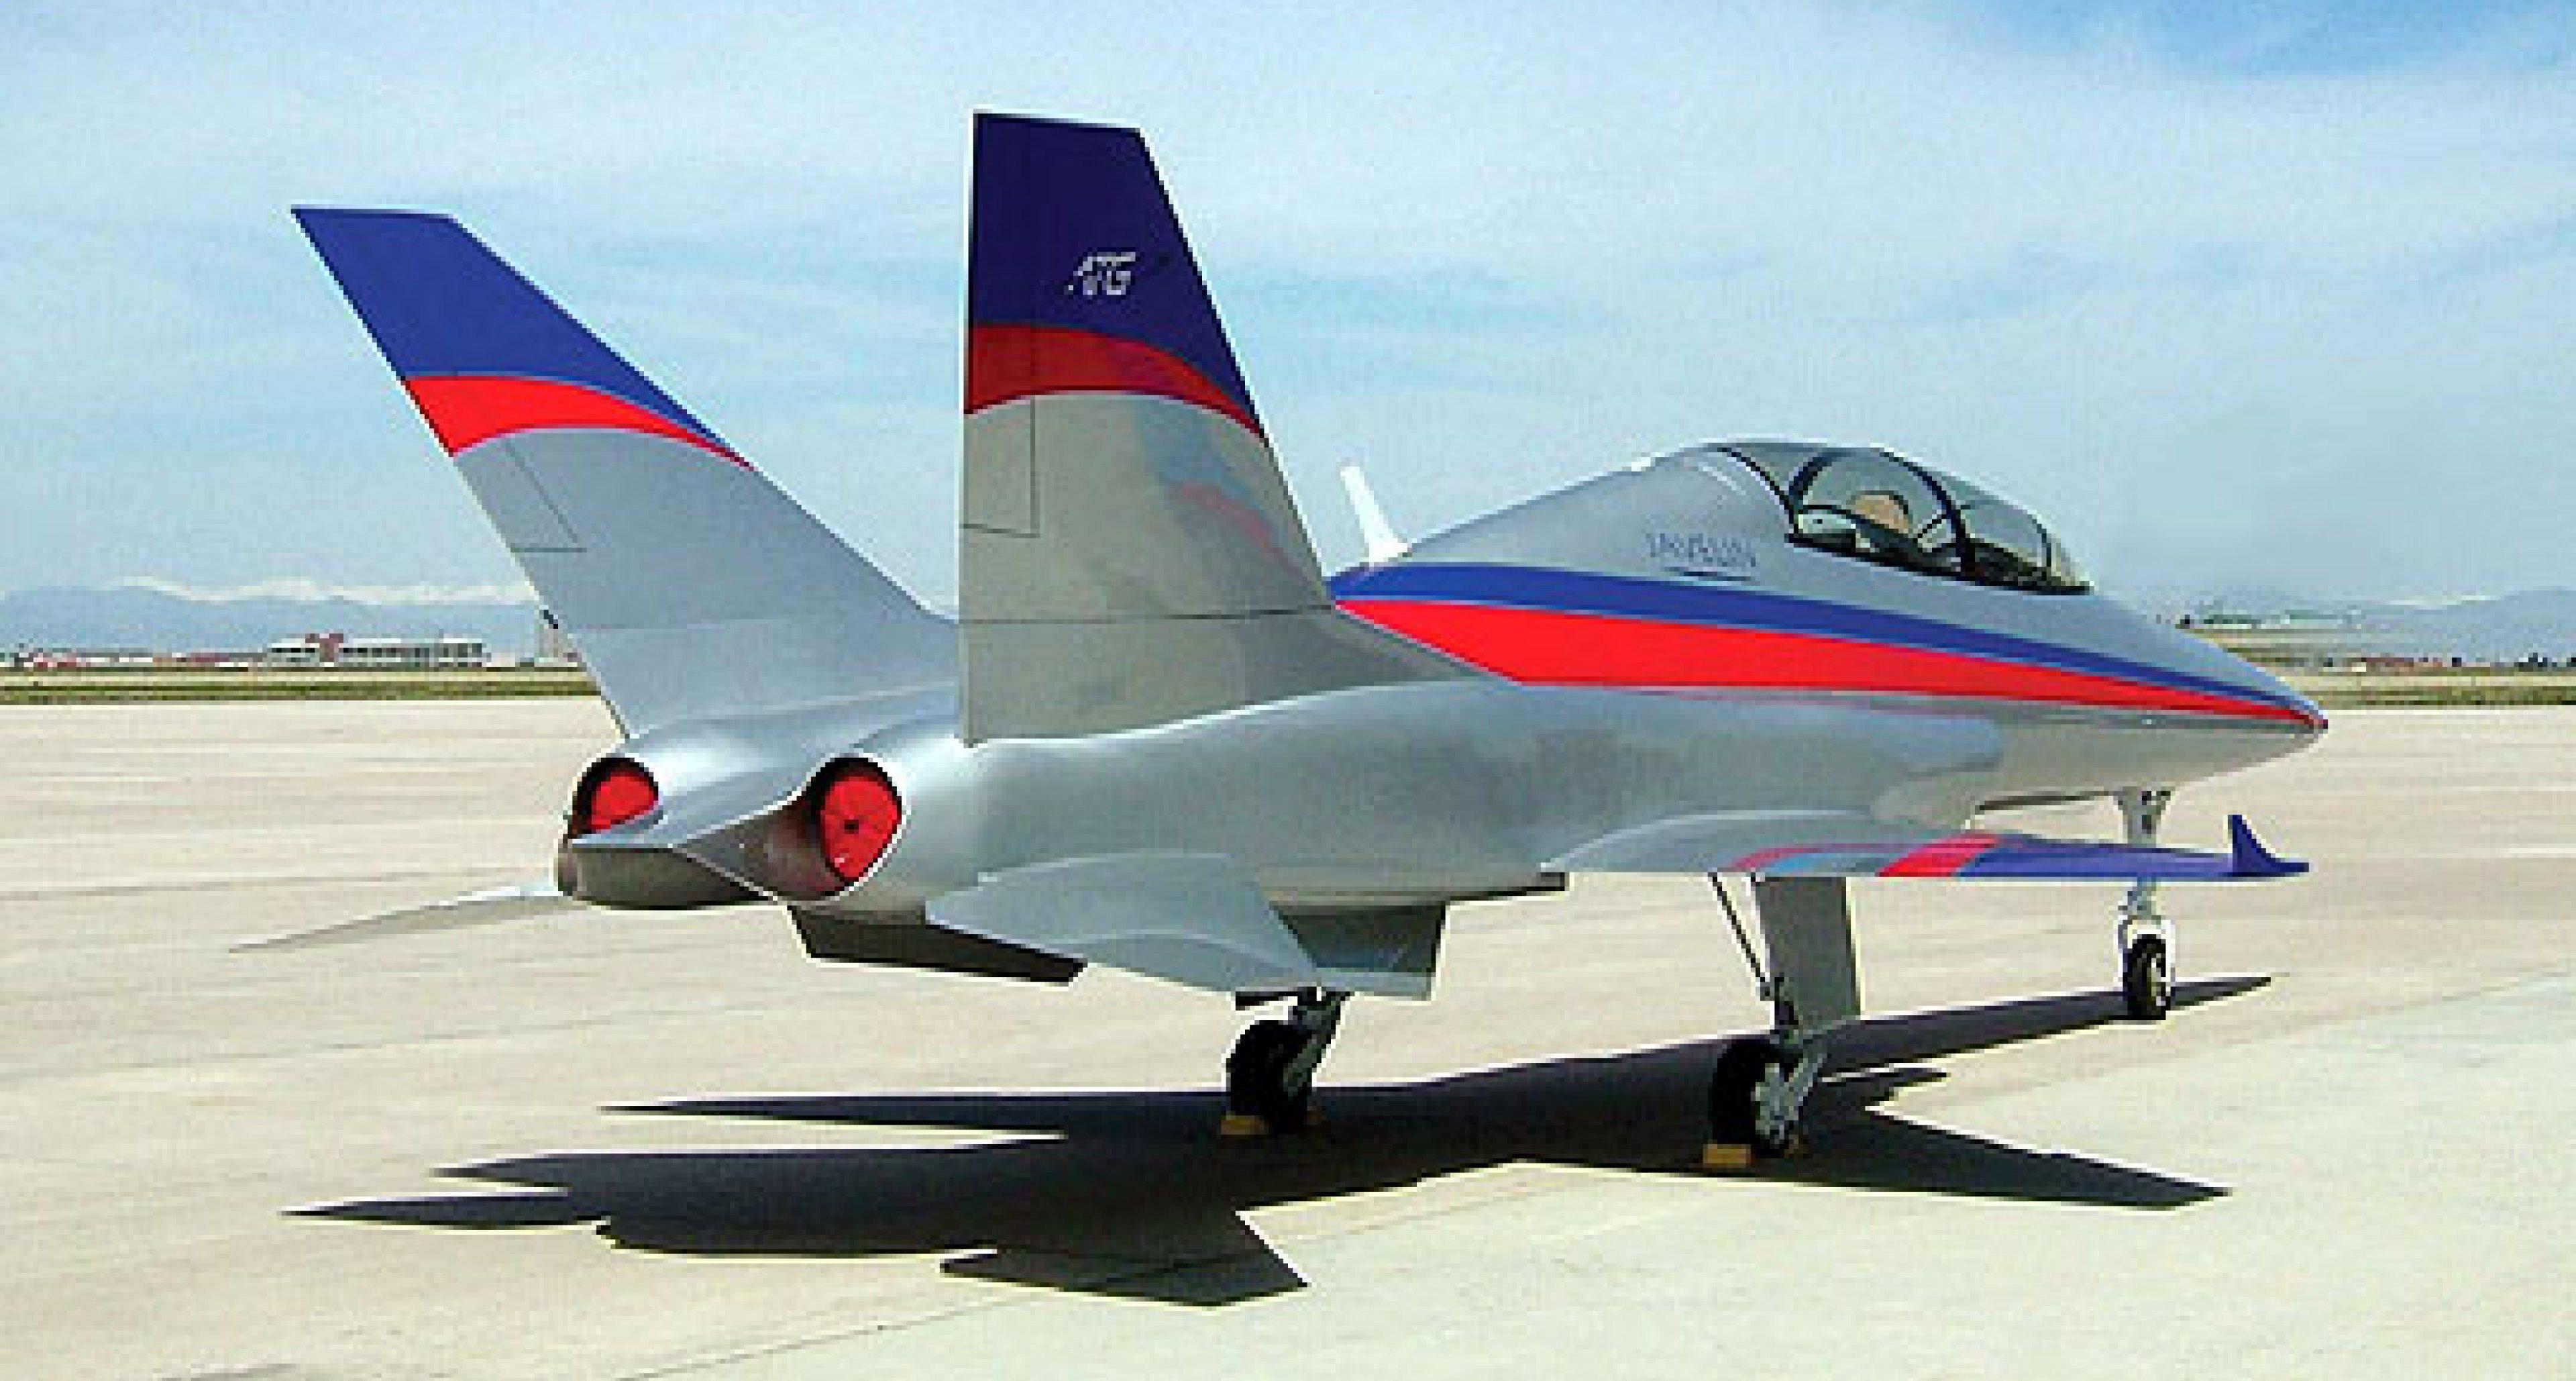 Aviation Technology Group Javelin: Very Light Jet